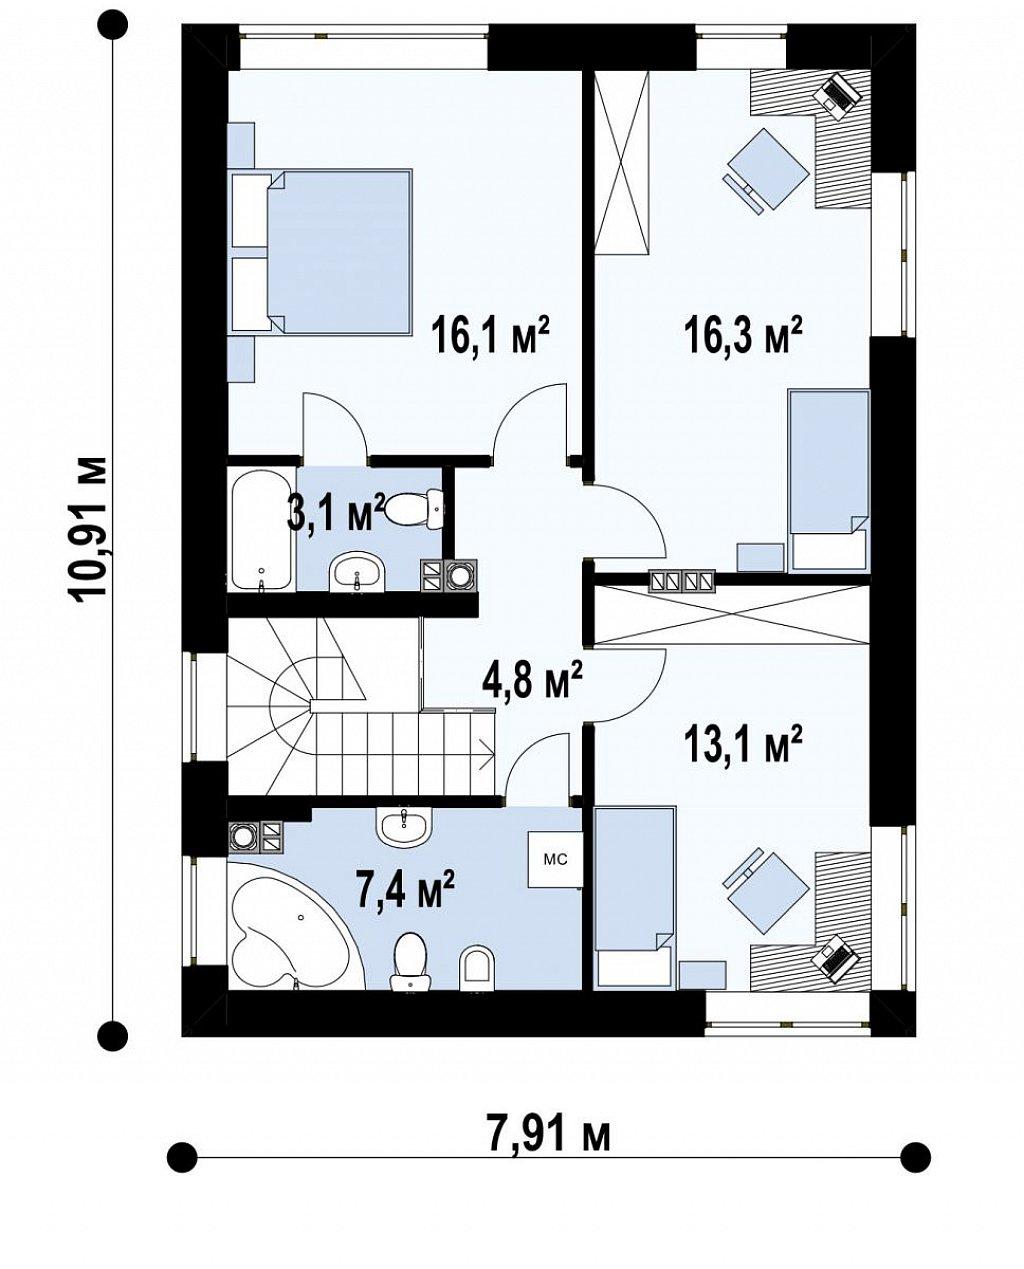 Компактный проект двухэтажного дома план помещений 2